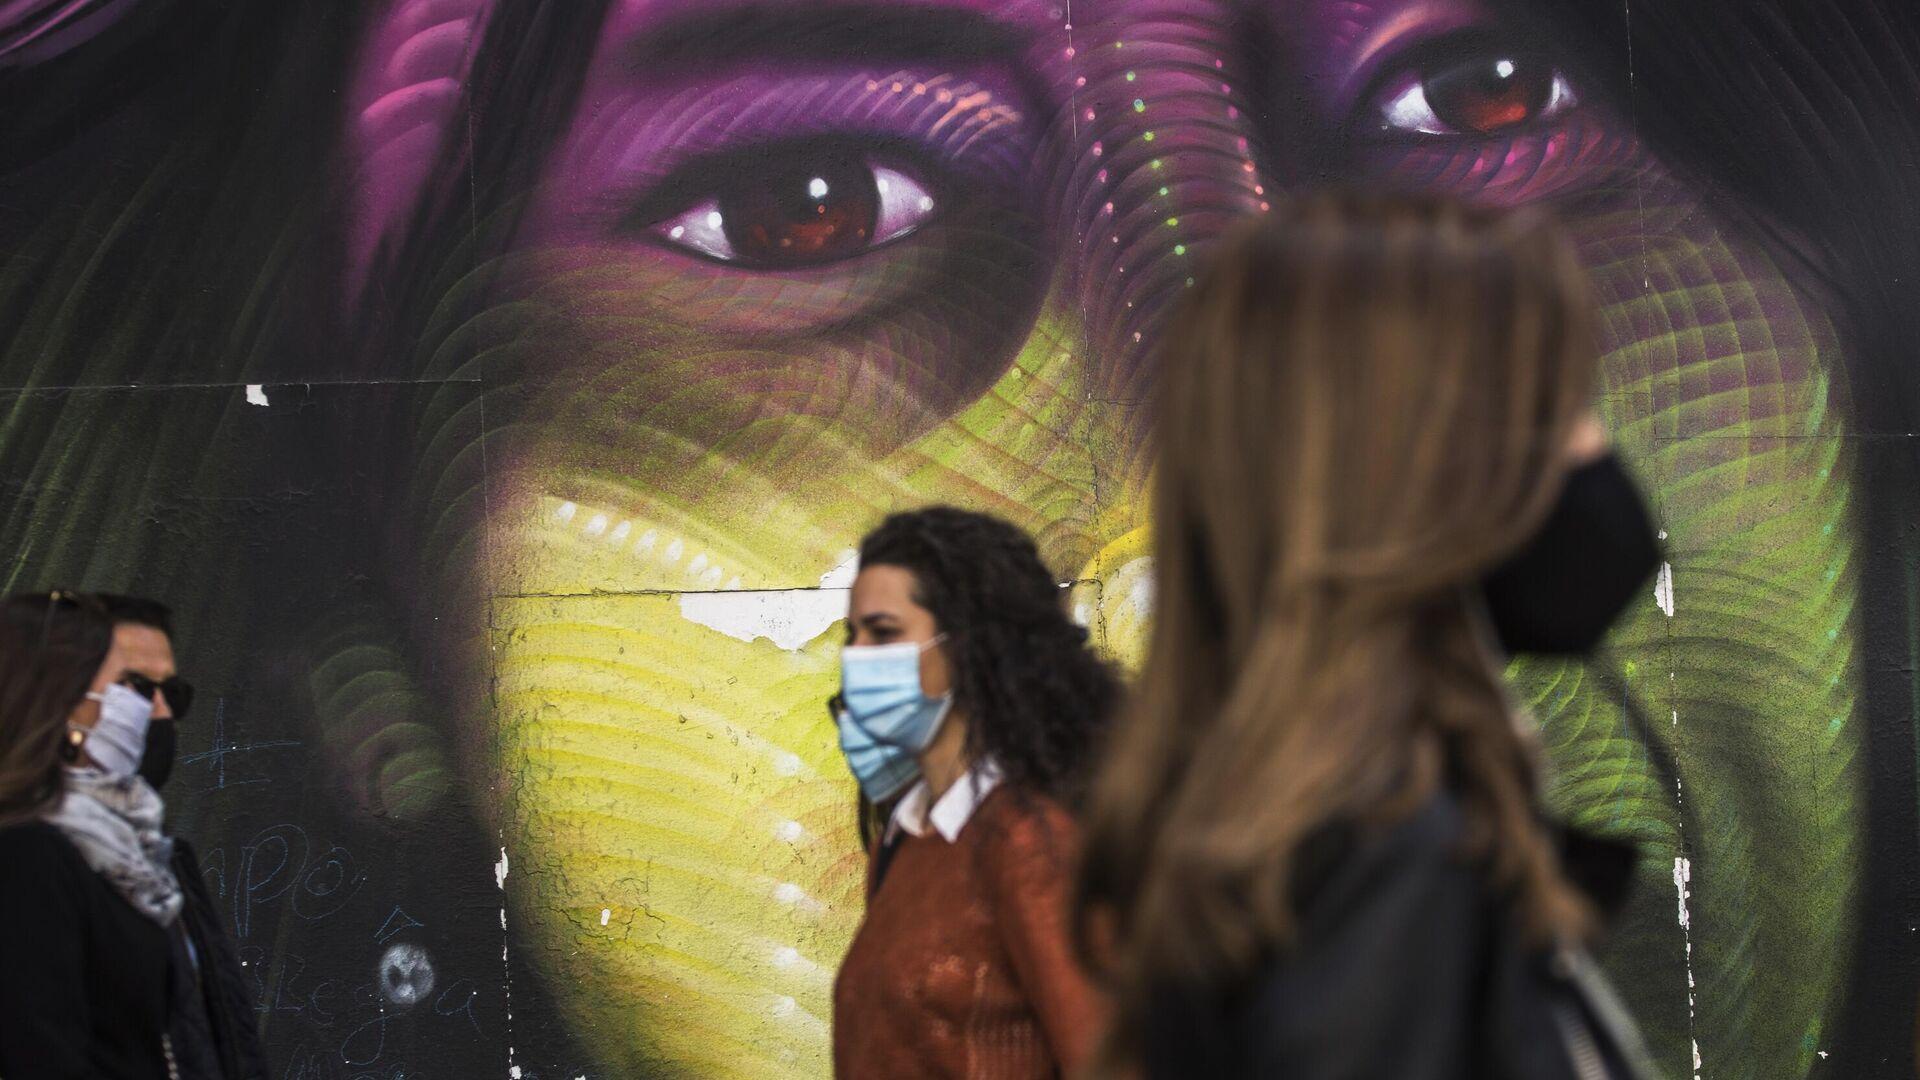 Прохожие в защитных масках на улице Гран-Виа в Мадриде - РИА Новости, 1920, 23.10.2020